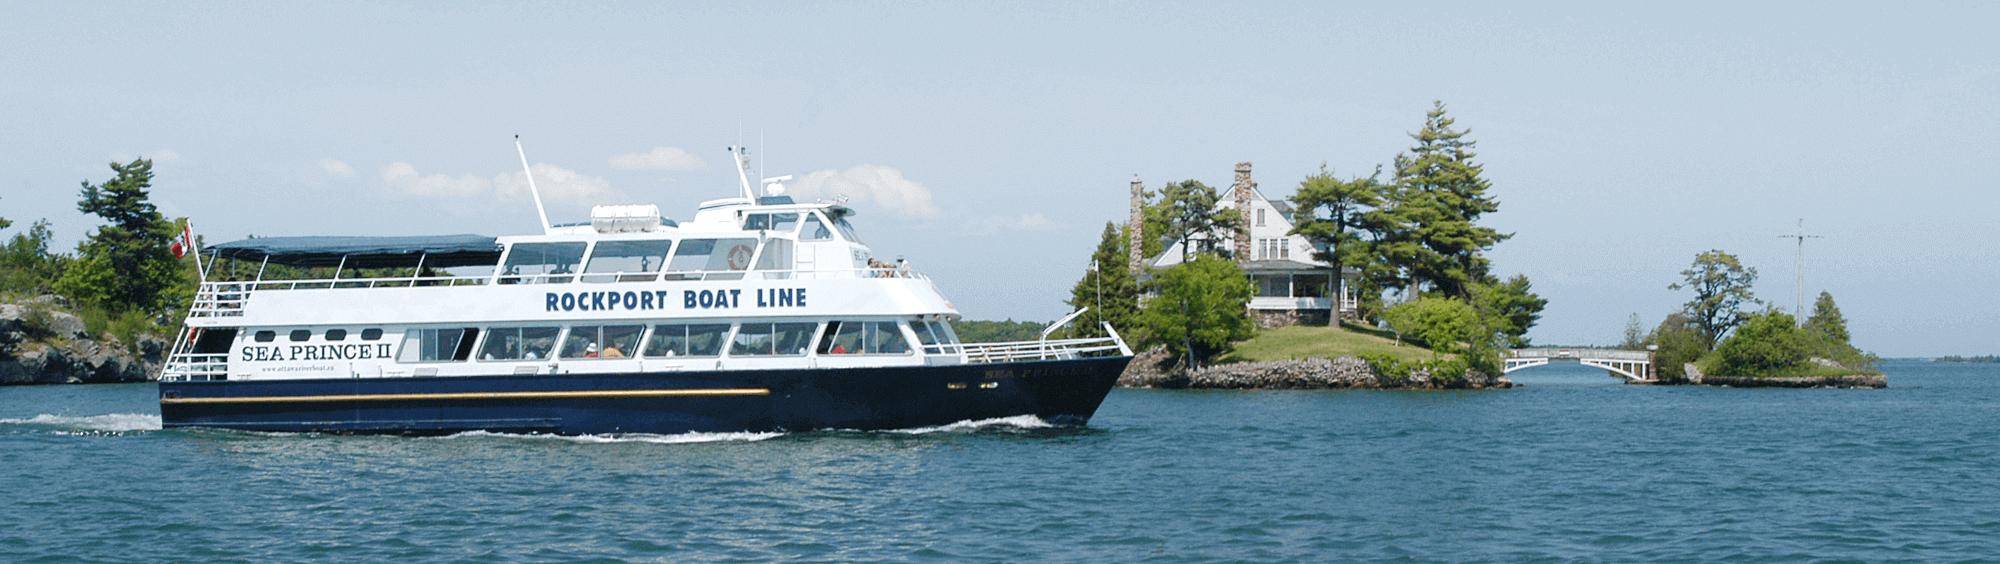 Rockport Boat Line